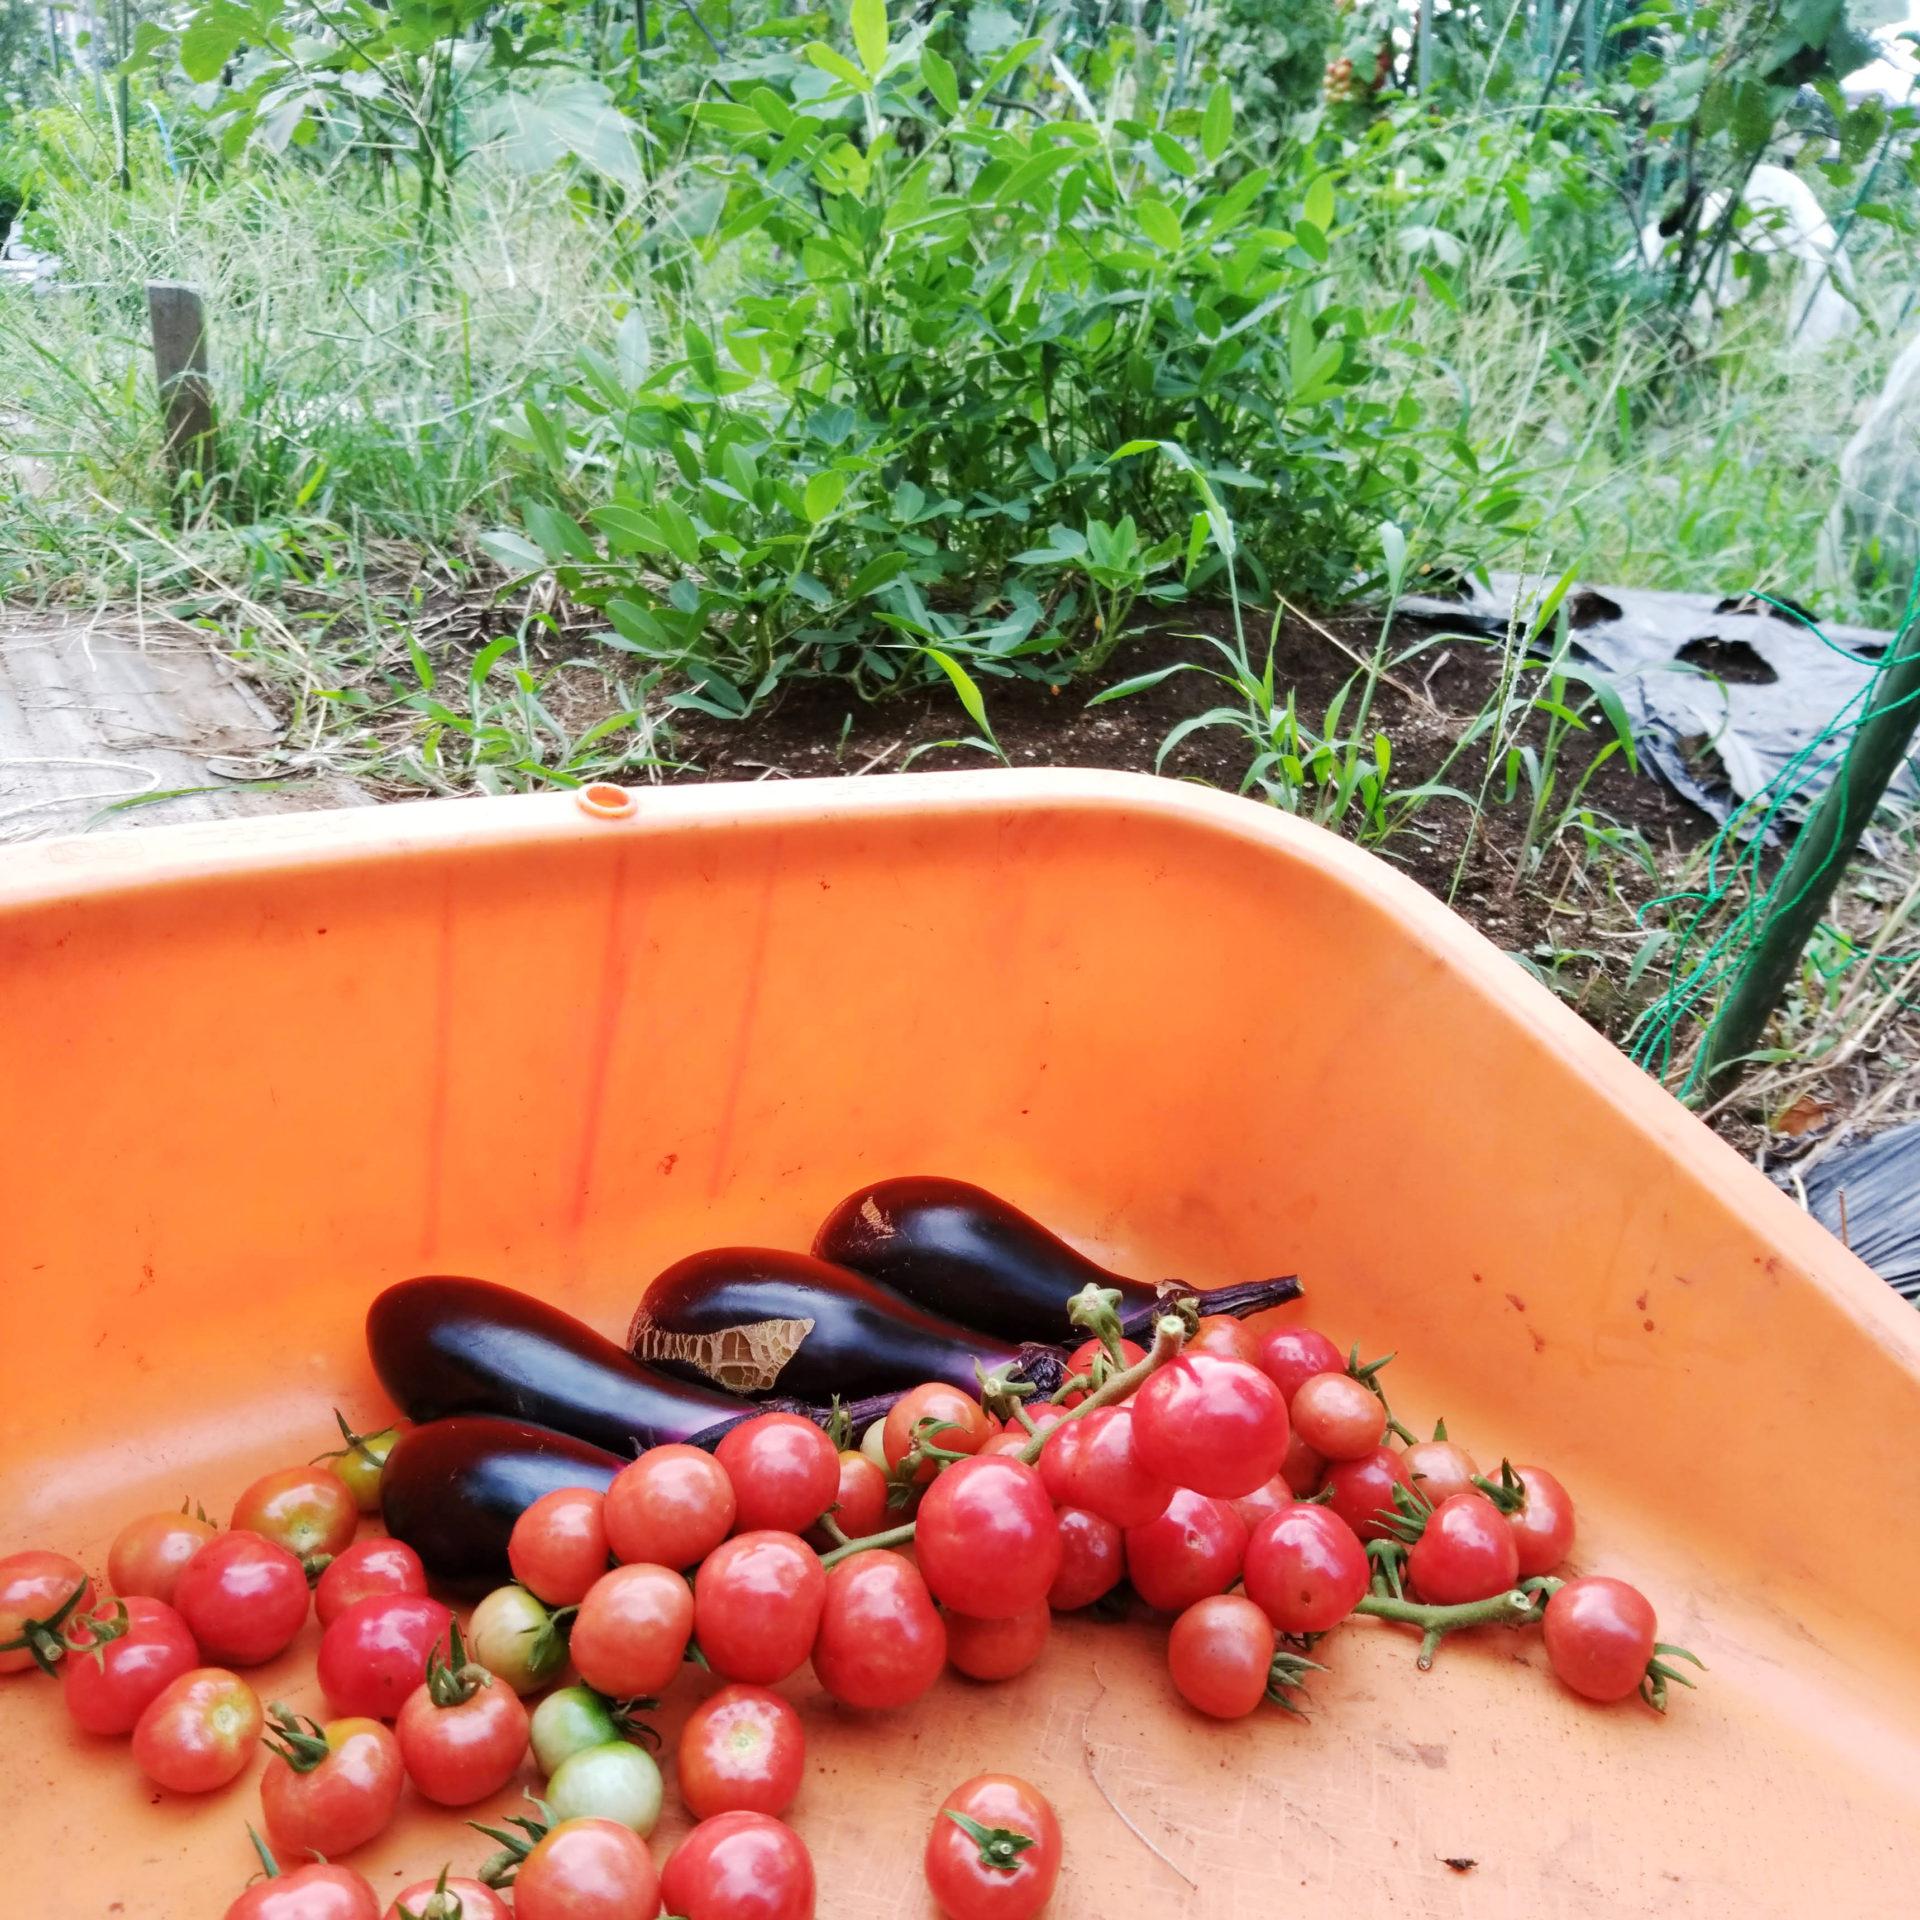 ナスとプチトマトの収穫の様子